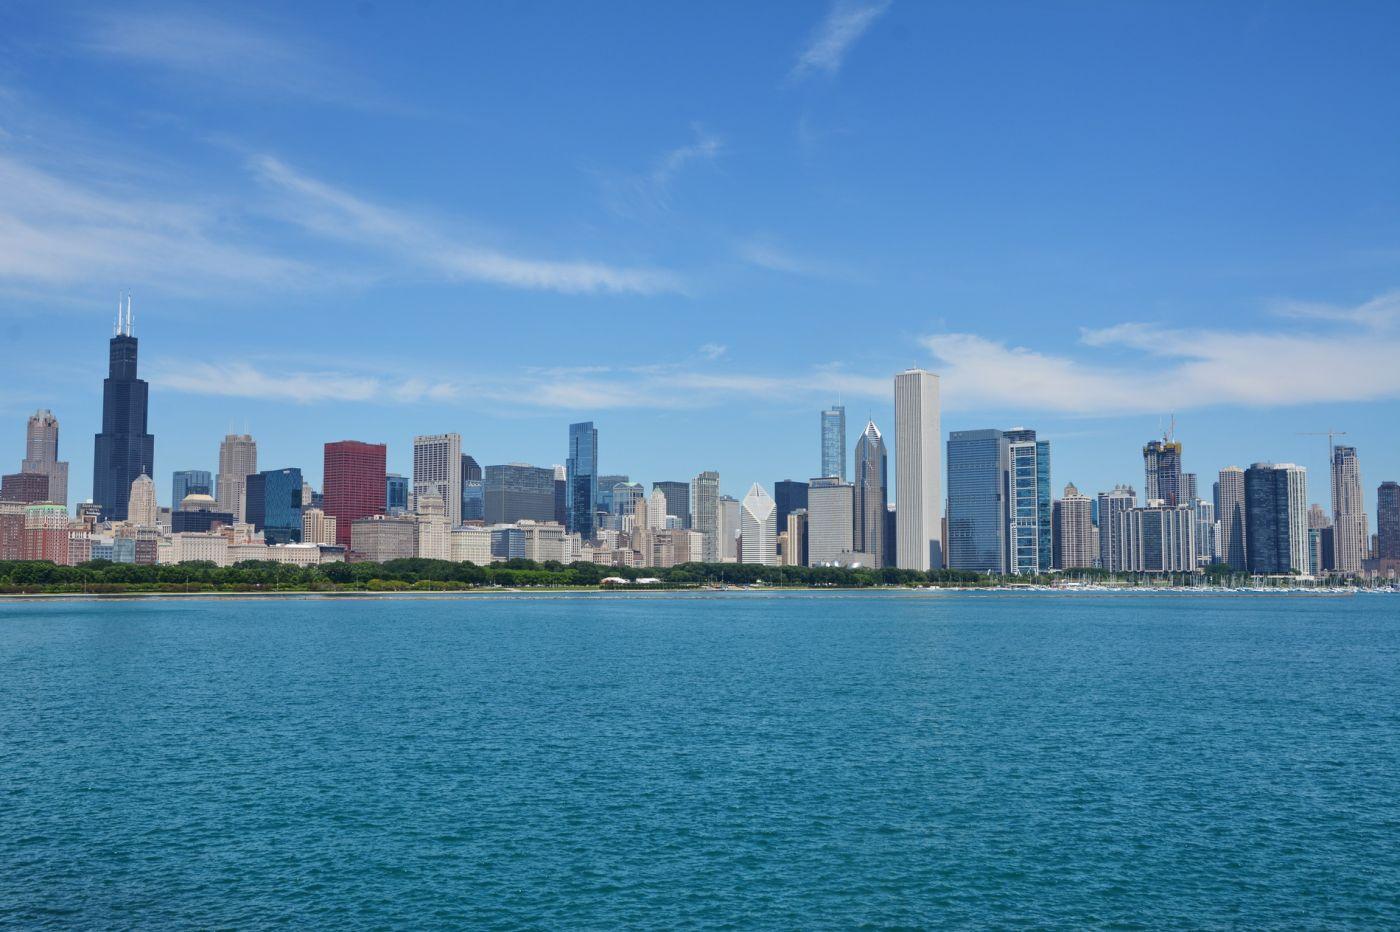 США, Иллинойс, Чикаго, часть-1